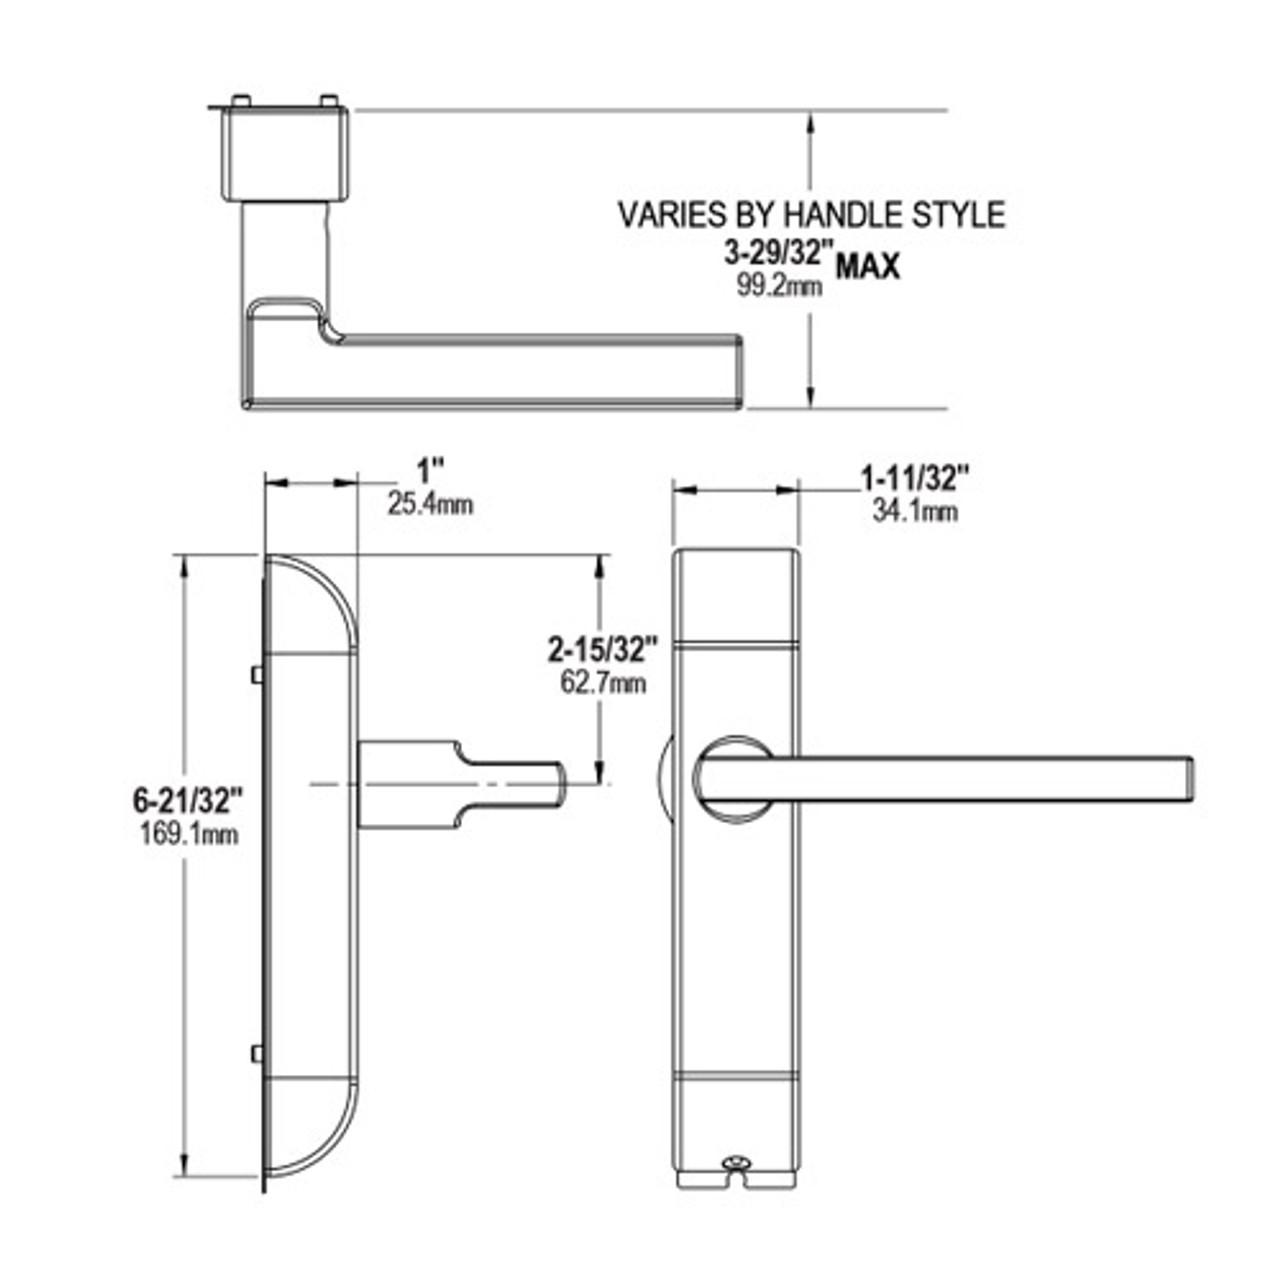 4600-MJ-552-US3 Adams Rite MJ Designer handle Dimensional View